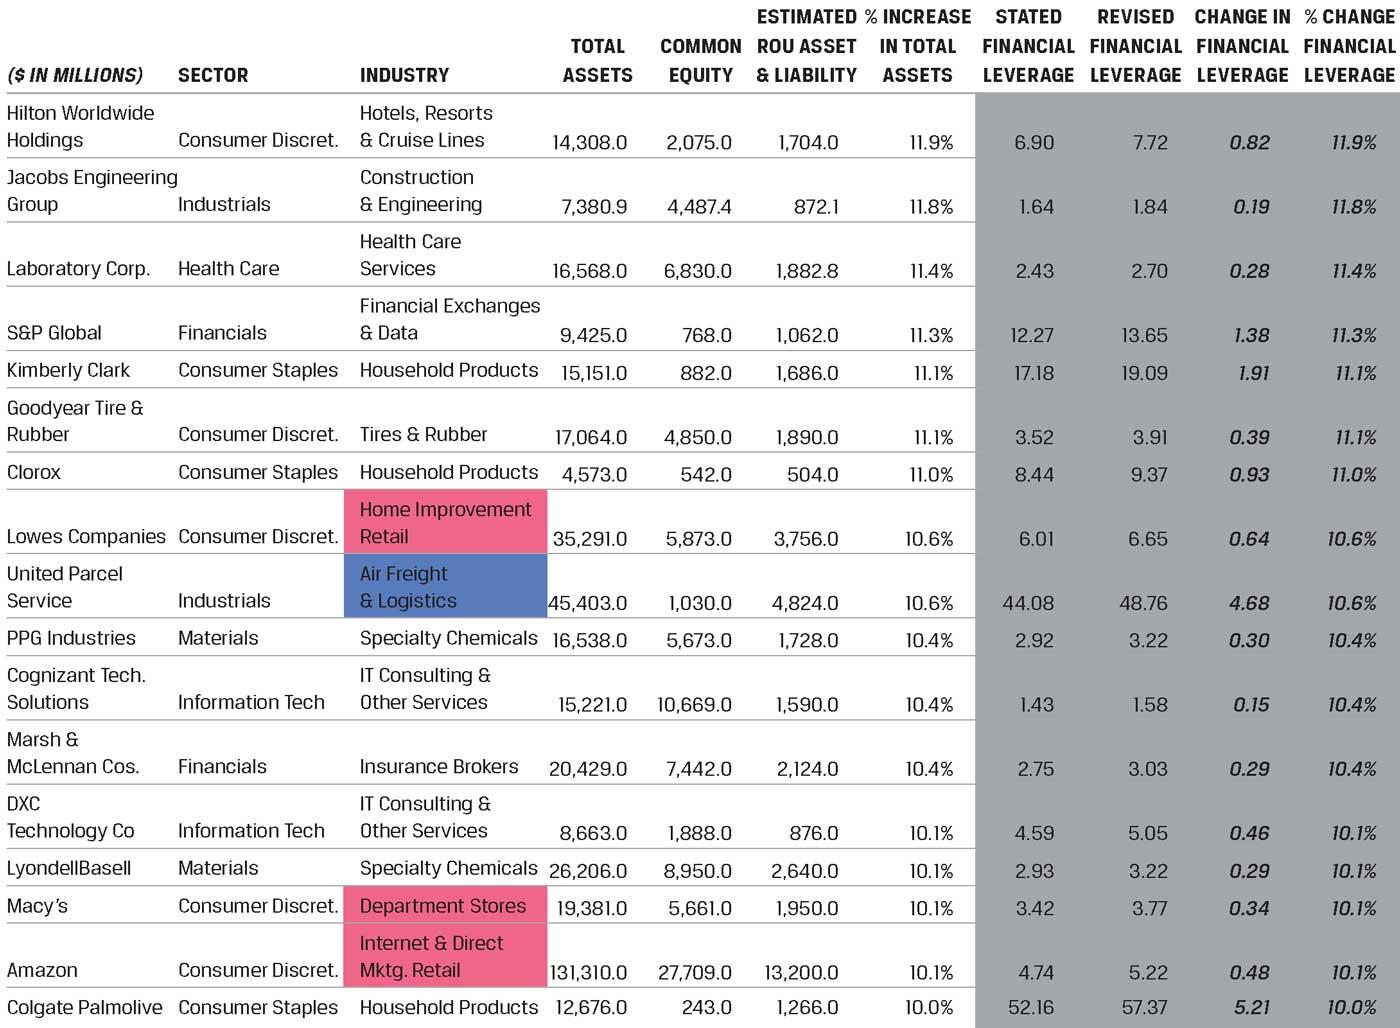 Влияние изменения стандарта аренды: примерная оценка признаваемых активов и обязательств (4).